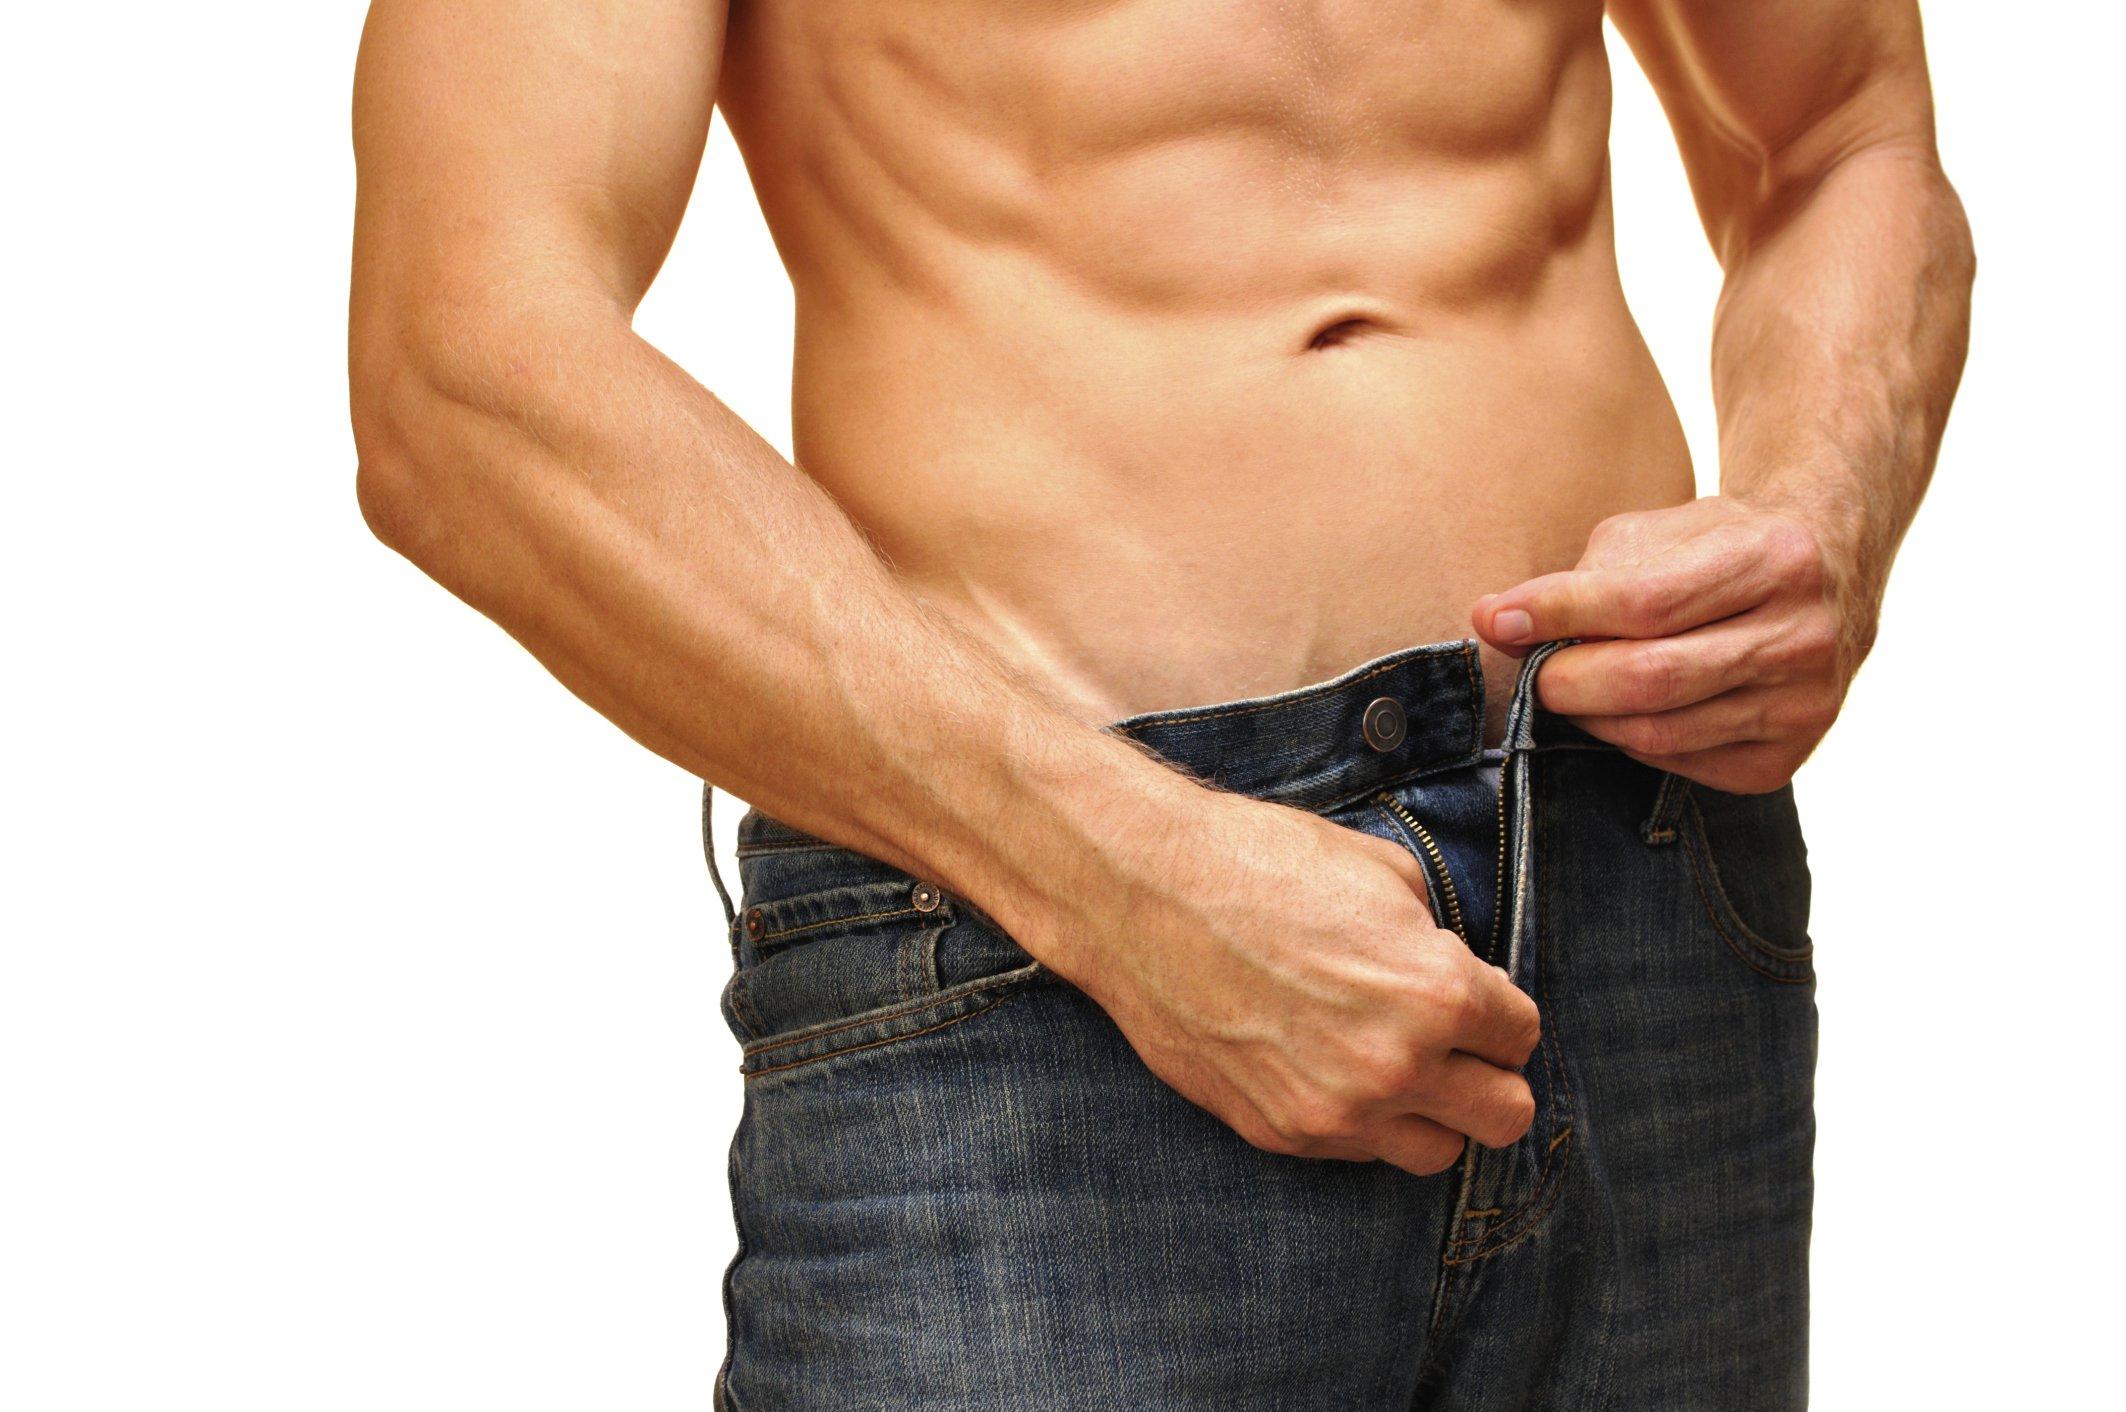 pénisz mérete és hogyan lehet növelni)